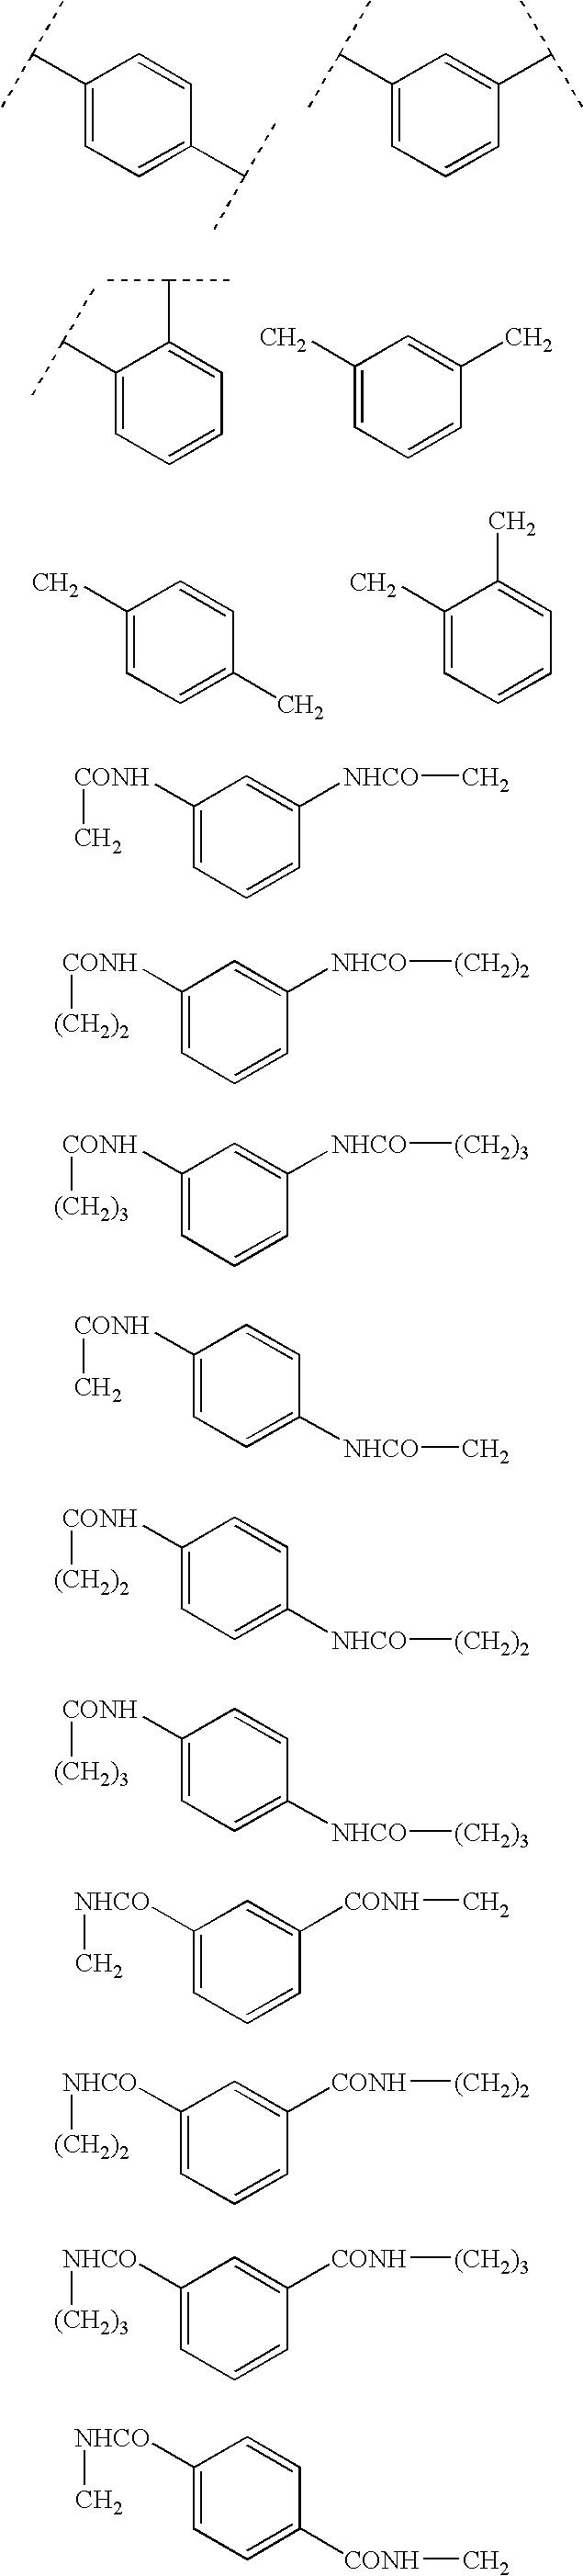 Figure US20050005371A1-20050113-C00007